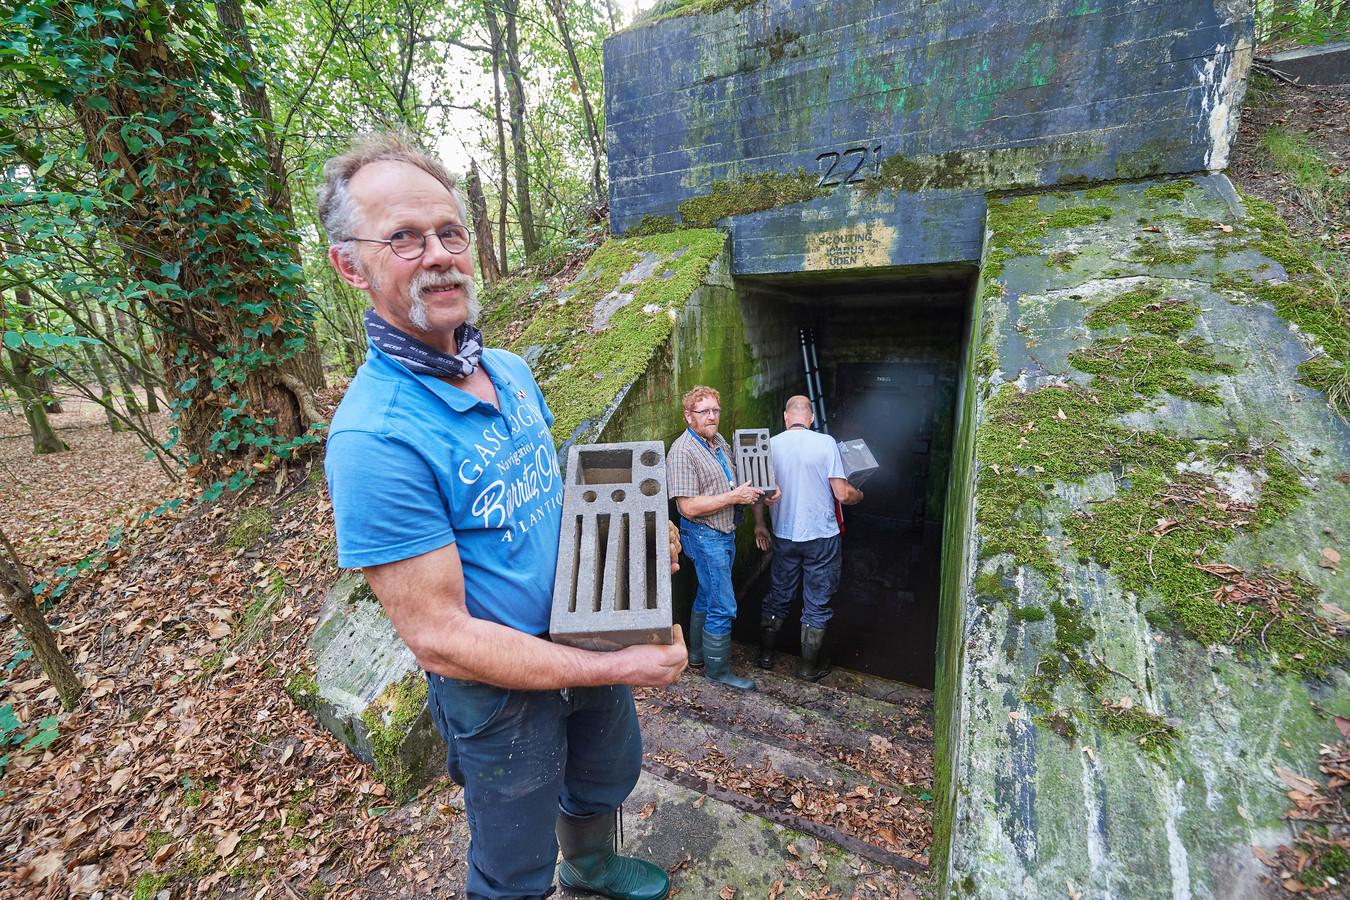 Pieter Jacobs, Henk de Wit en Carlo Wijnen van Vleermuiswerkgroep Noord-Brabant bij Bunker 221 in Zeeland.